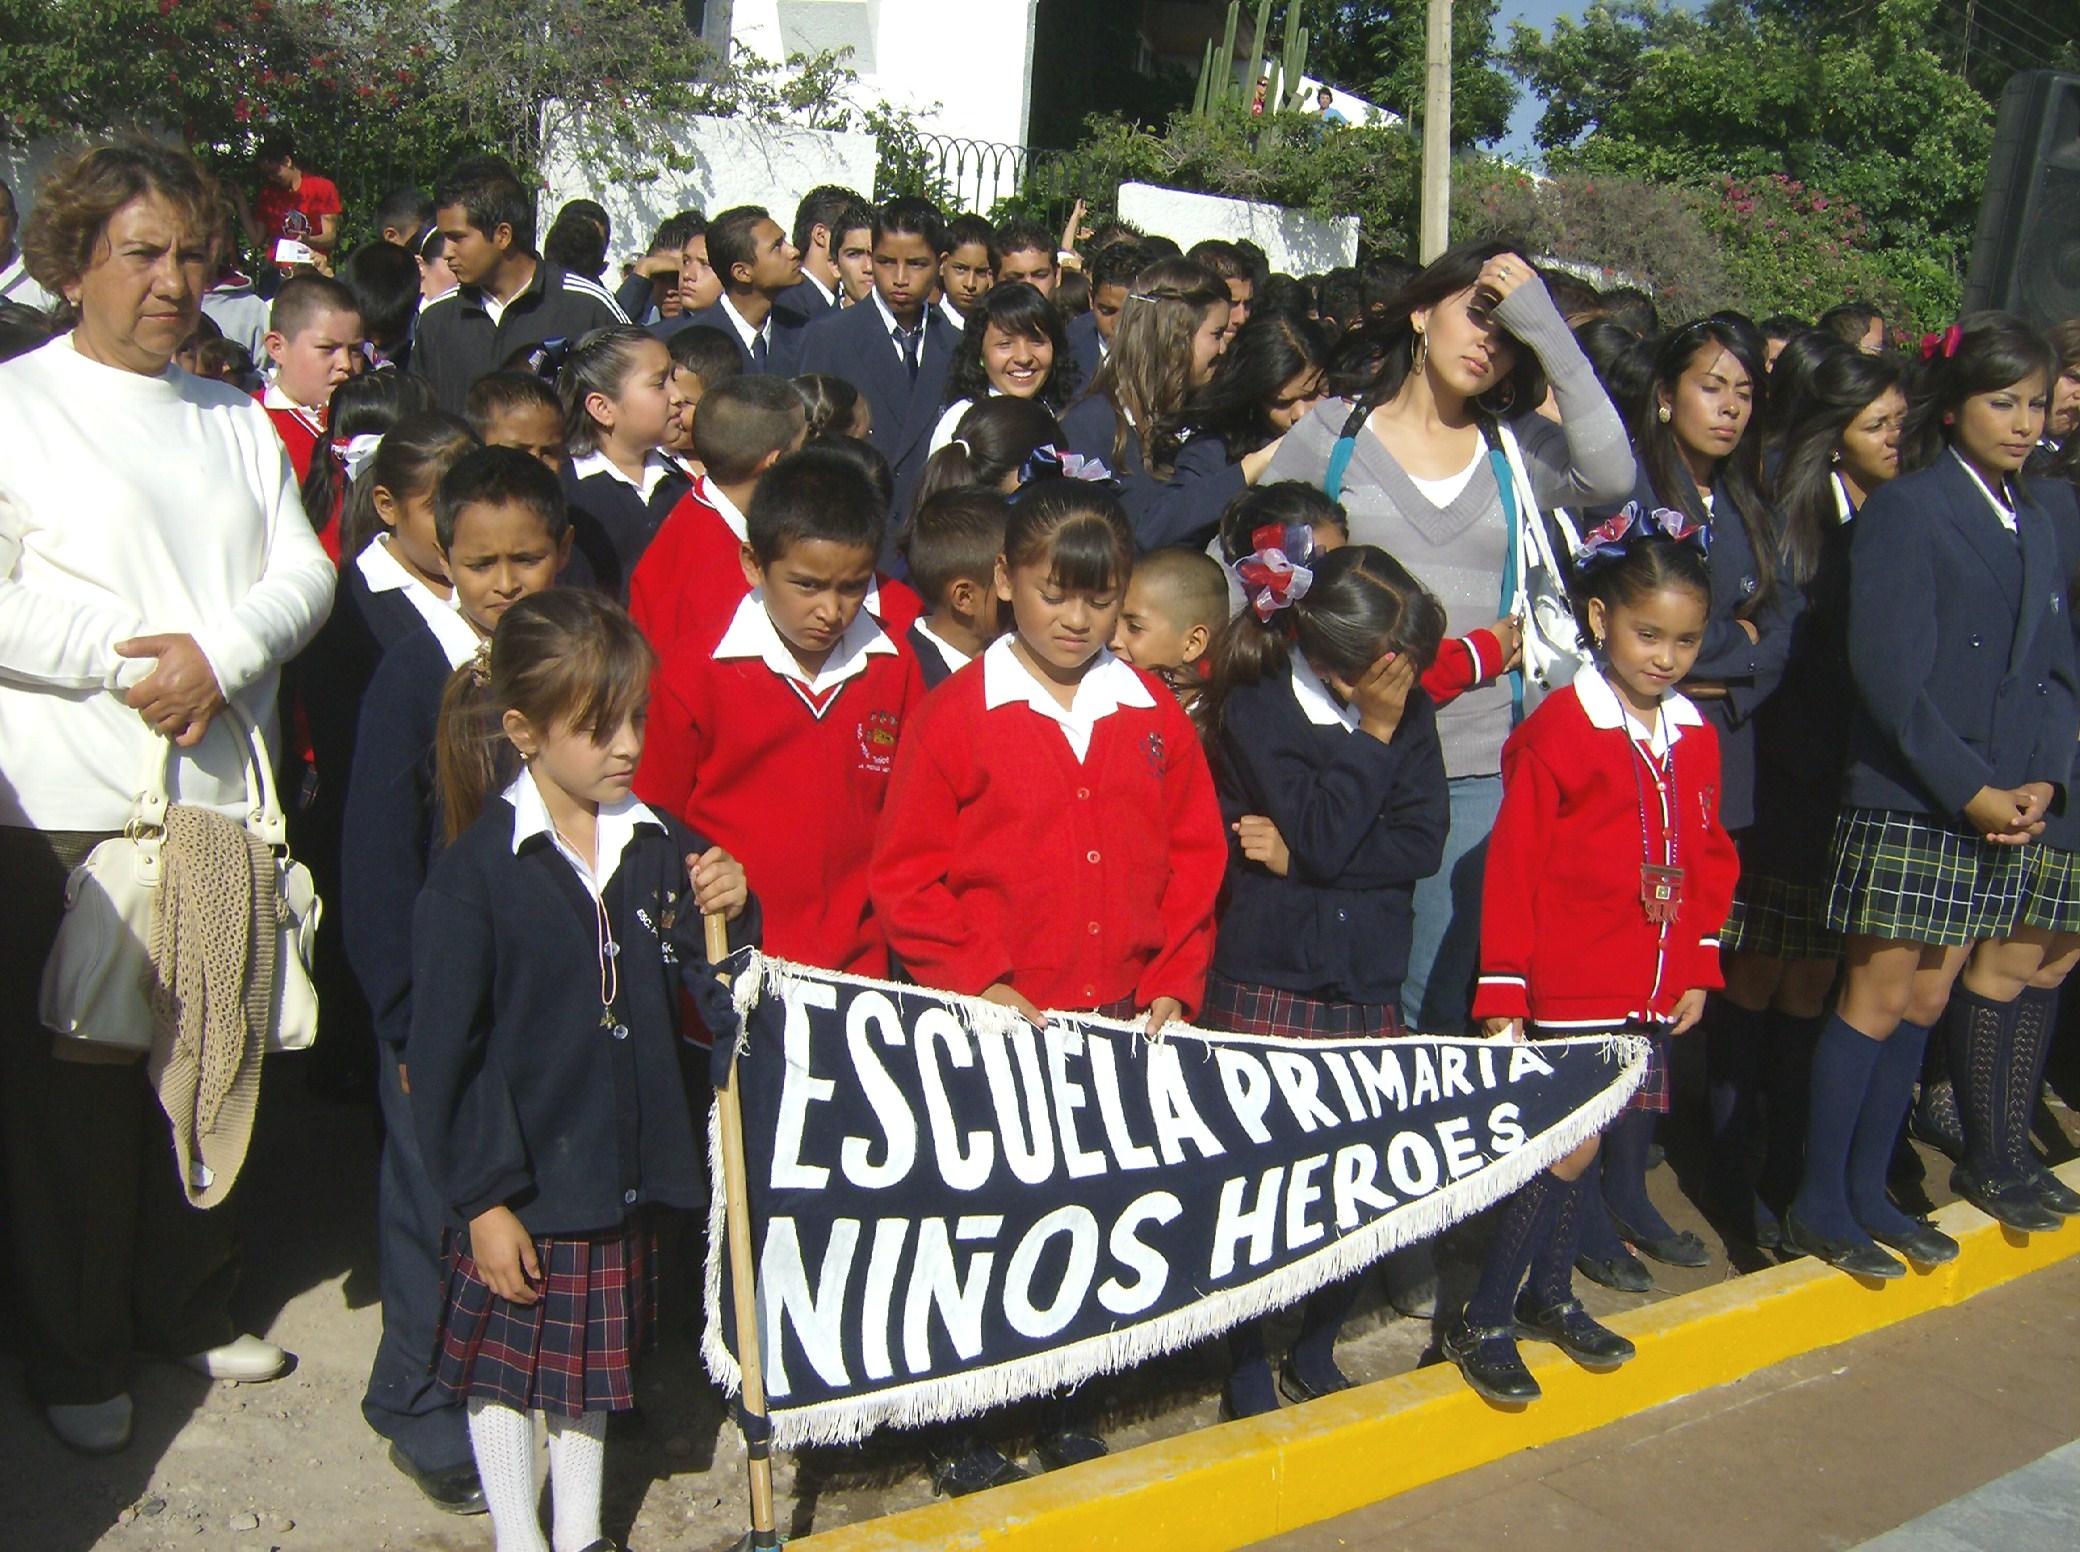 Los Niños Héroes De Hoy Pictures